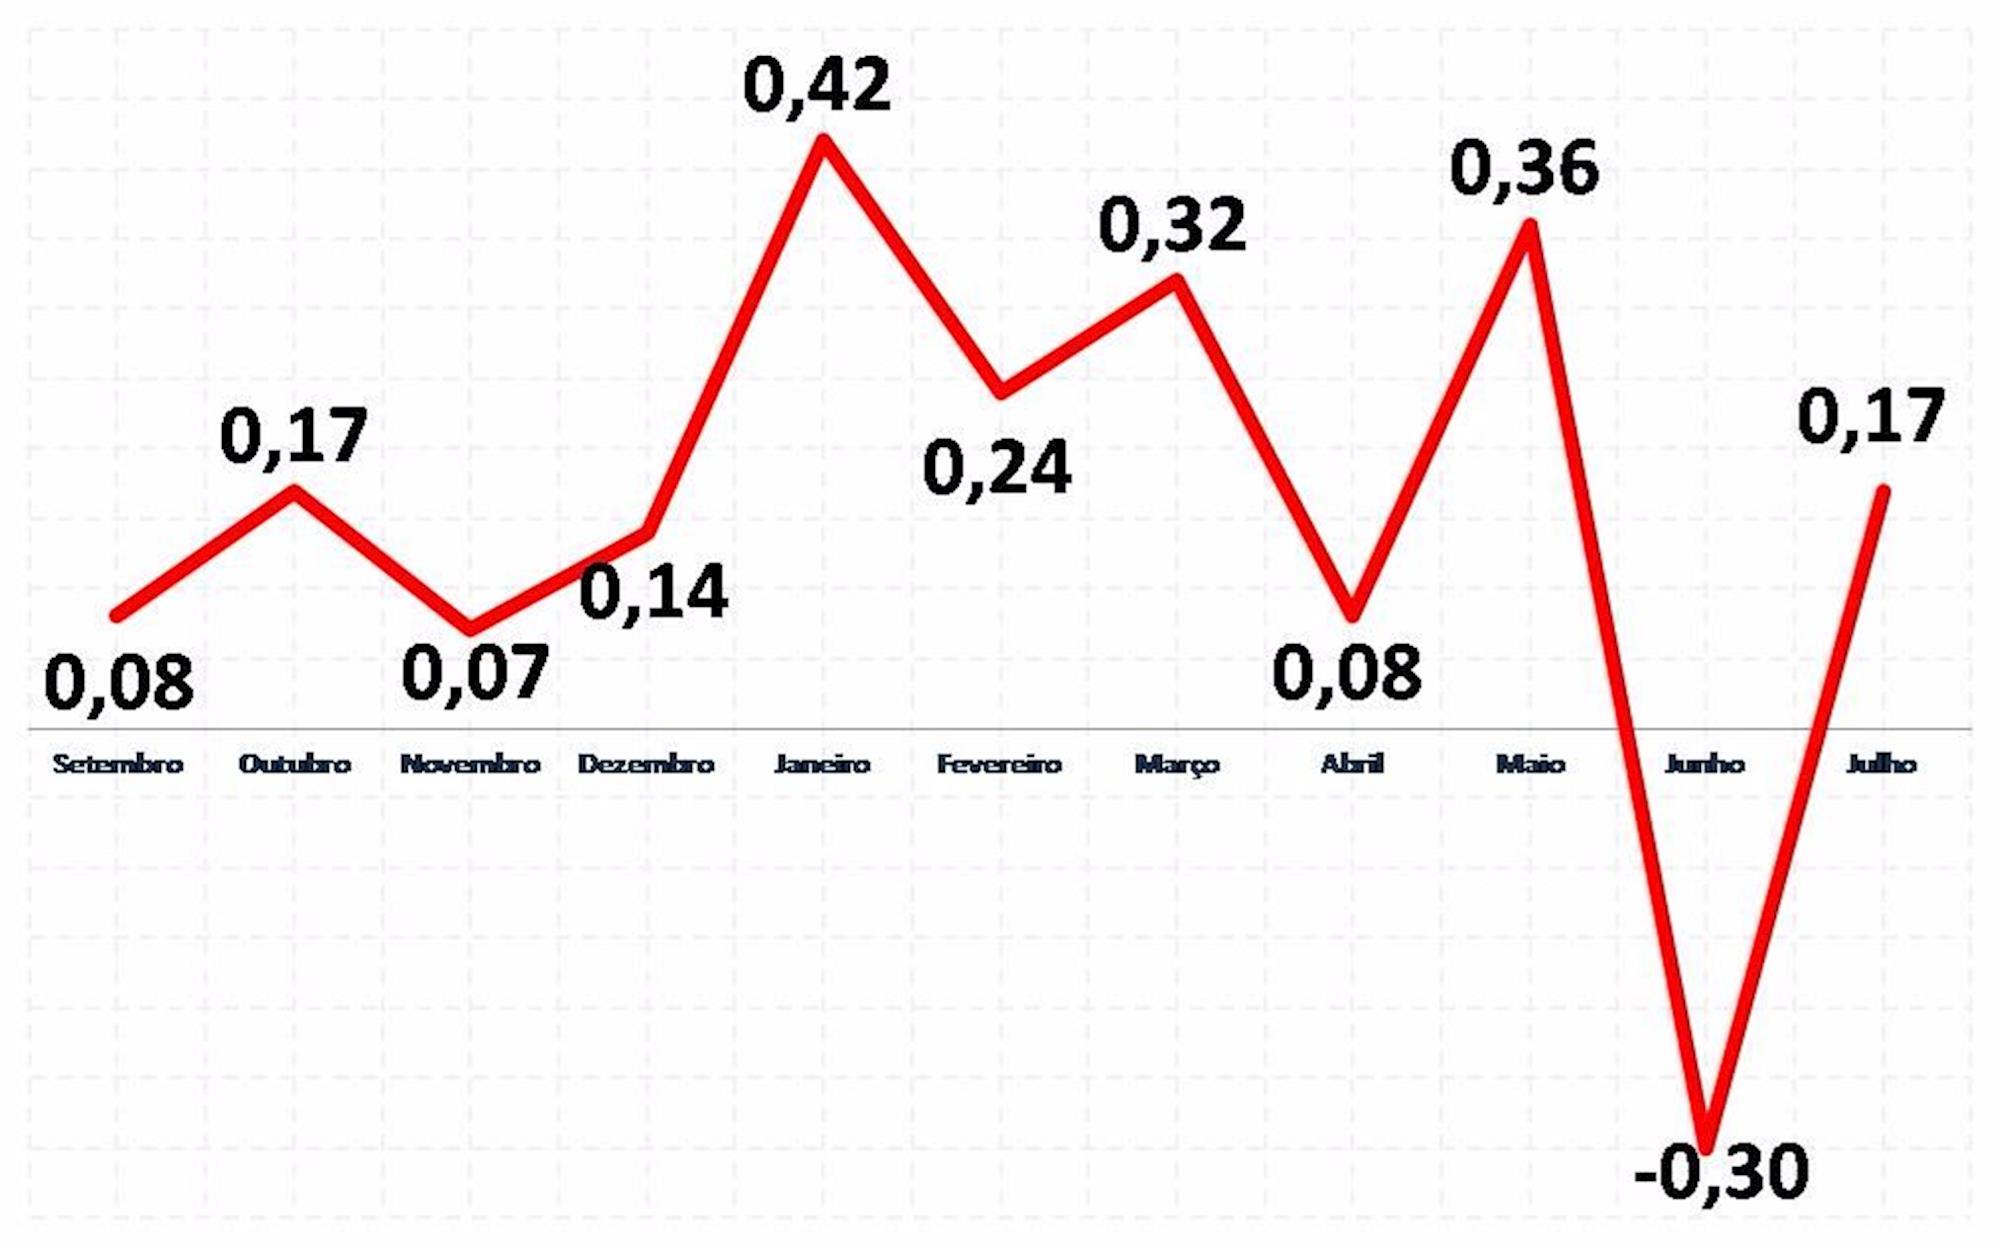 inflação, inpc, Fonte: IBGE / Elaboração: Subseção Metalúrgicos Sorocaba